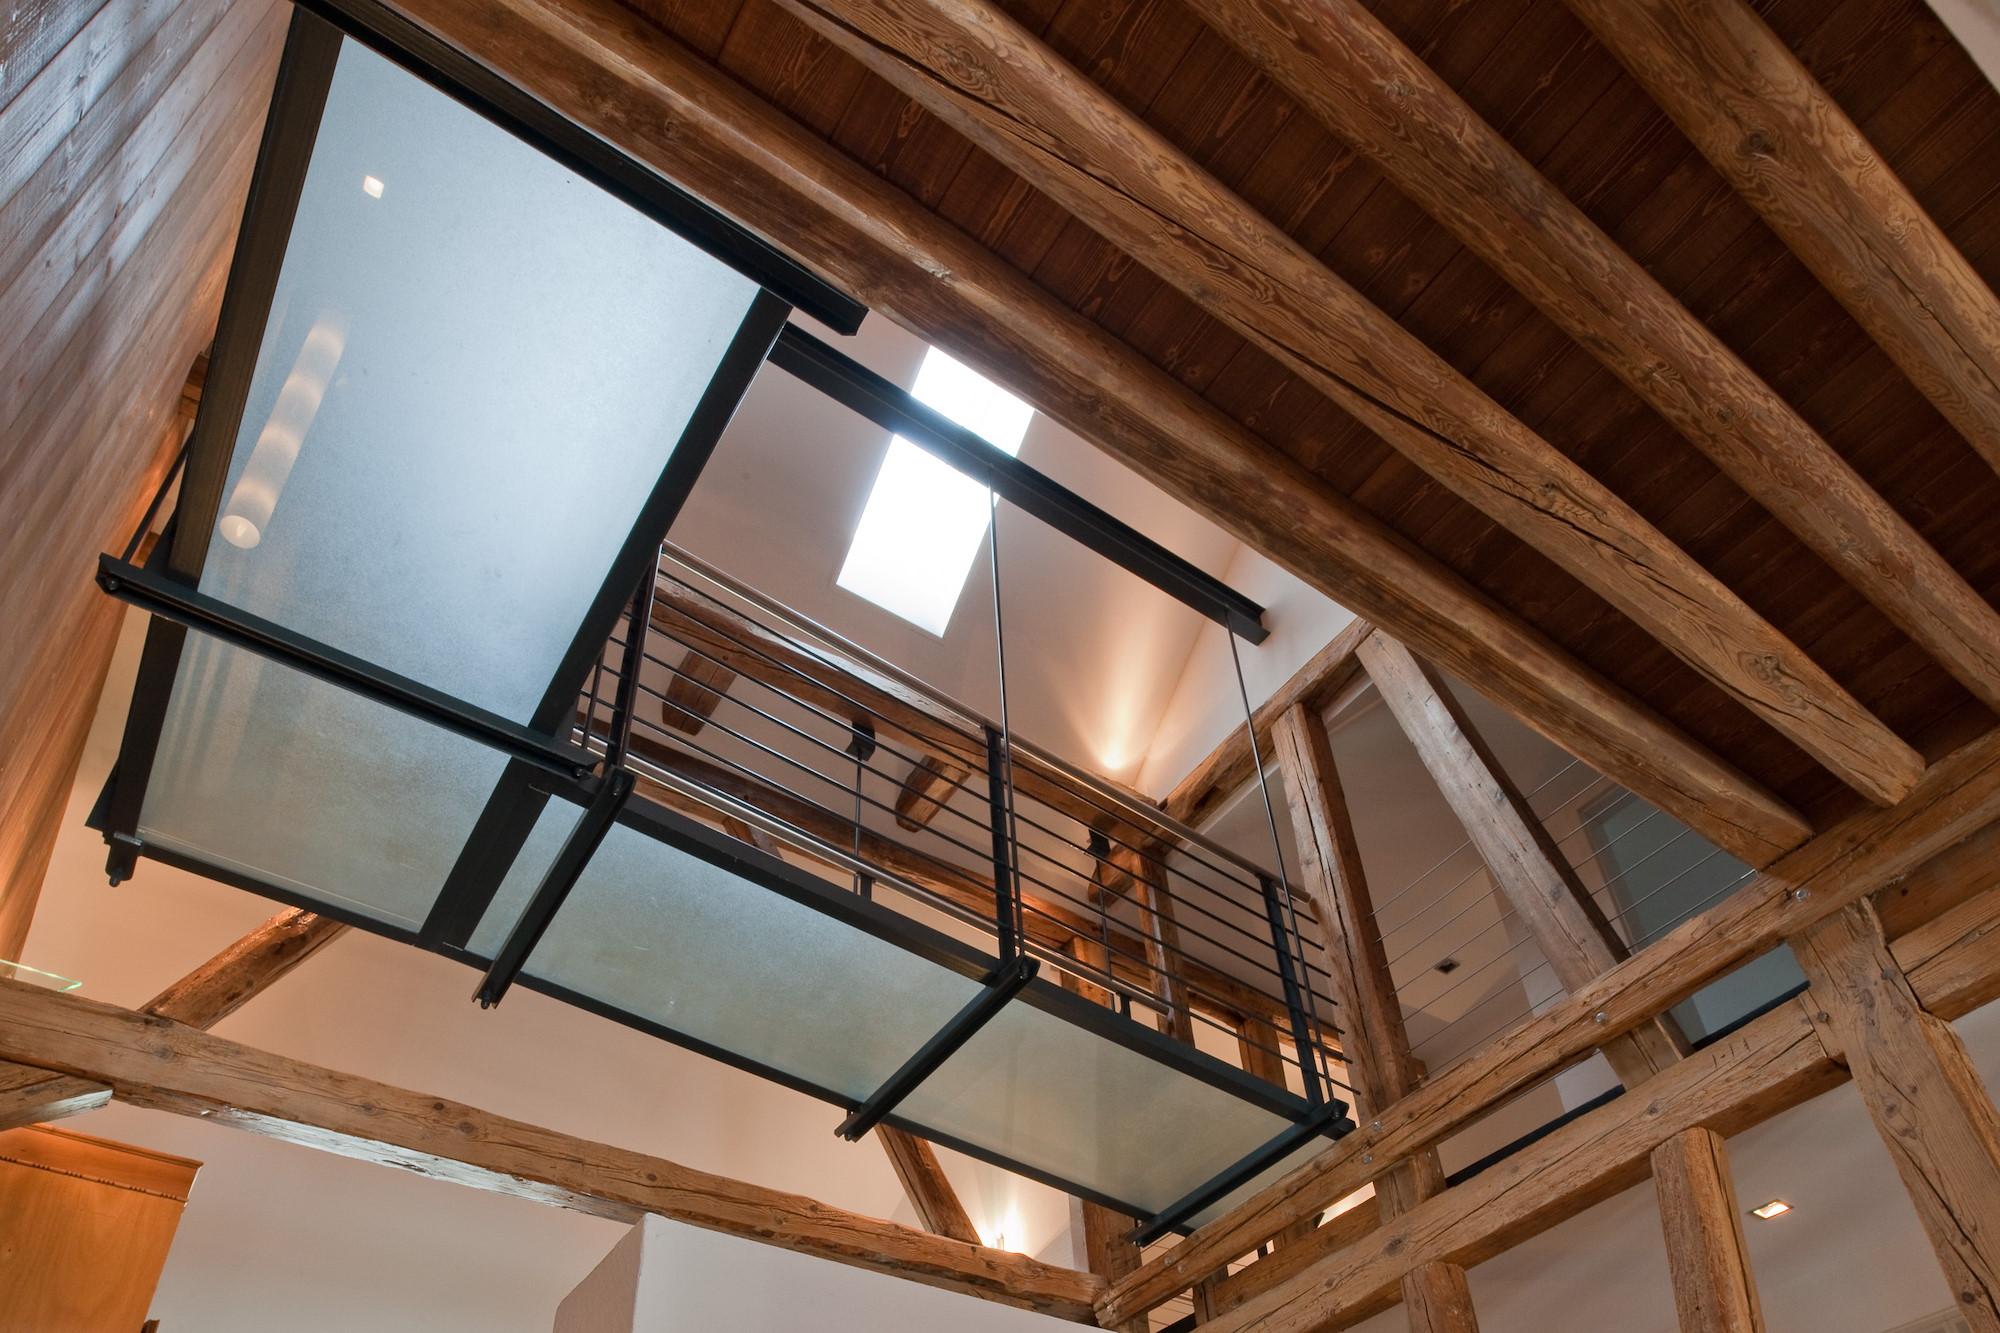 bauernhaus sanieren kosten simple bauernhaus zum sanieren mit wald with bauernhaus sanieren. Black Bedroom Furniture Sets. Home Design Ideas